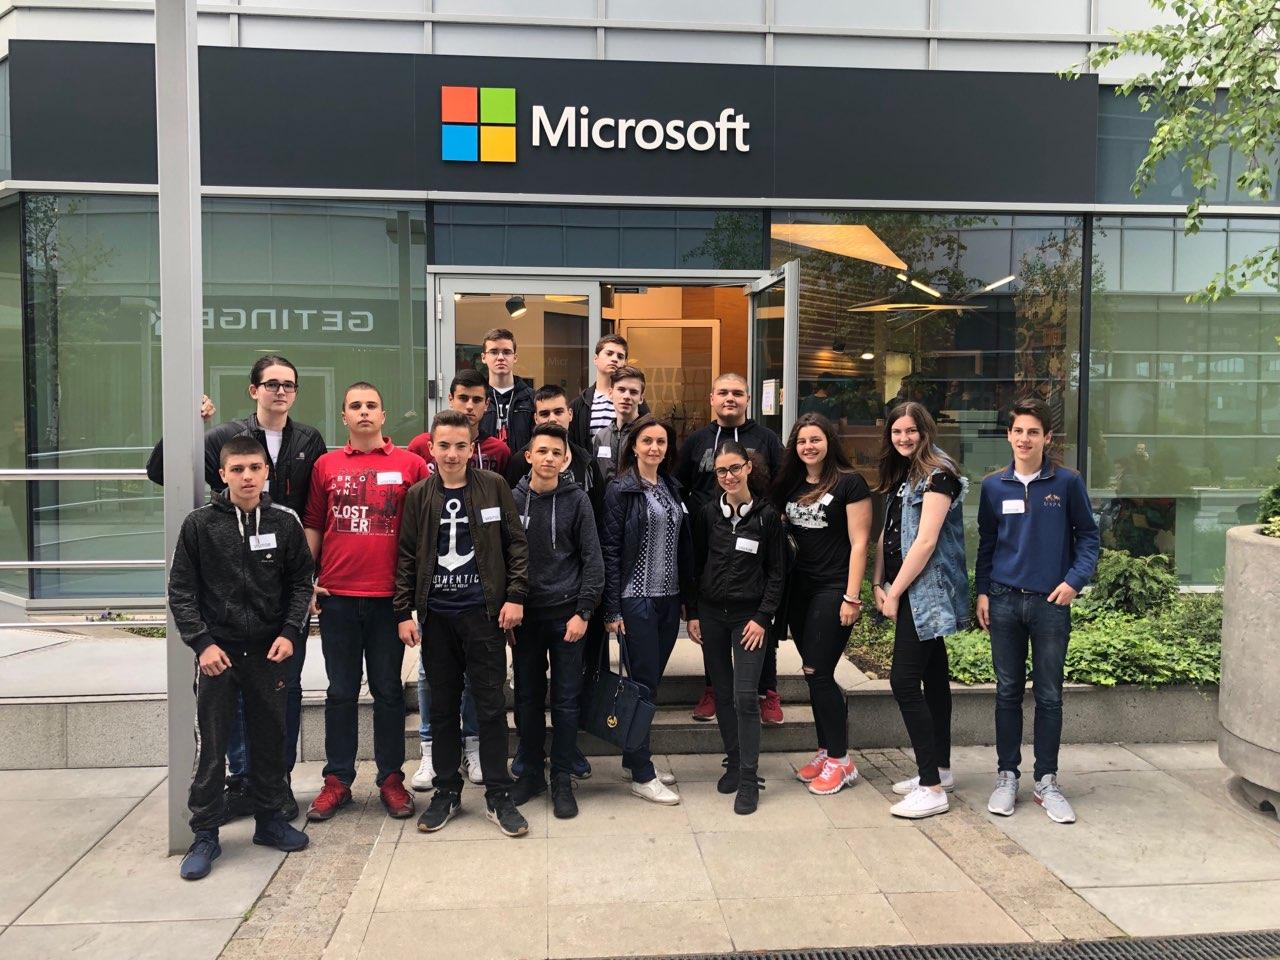 """Рачунарско одељење из Пријепоља посетило """"Microsoft"""" у Београду"""